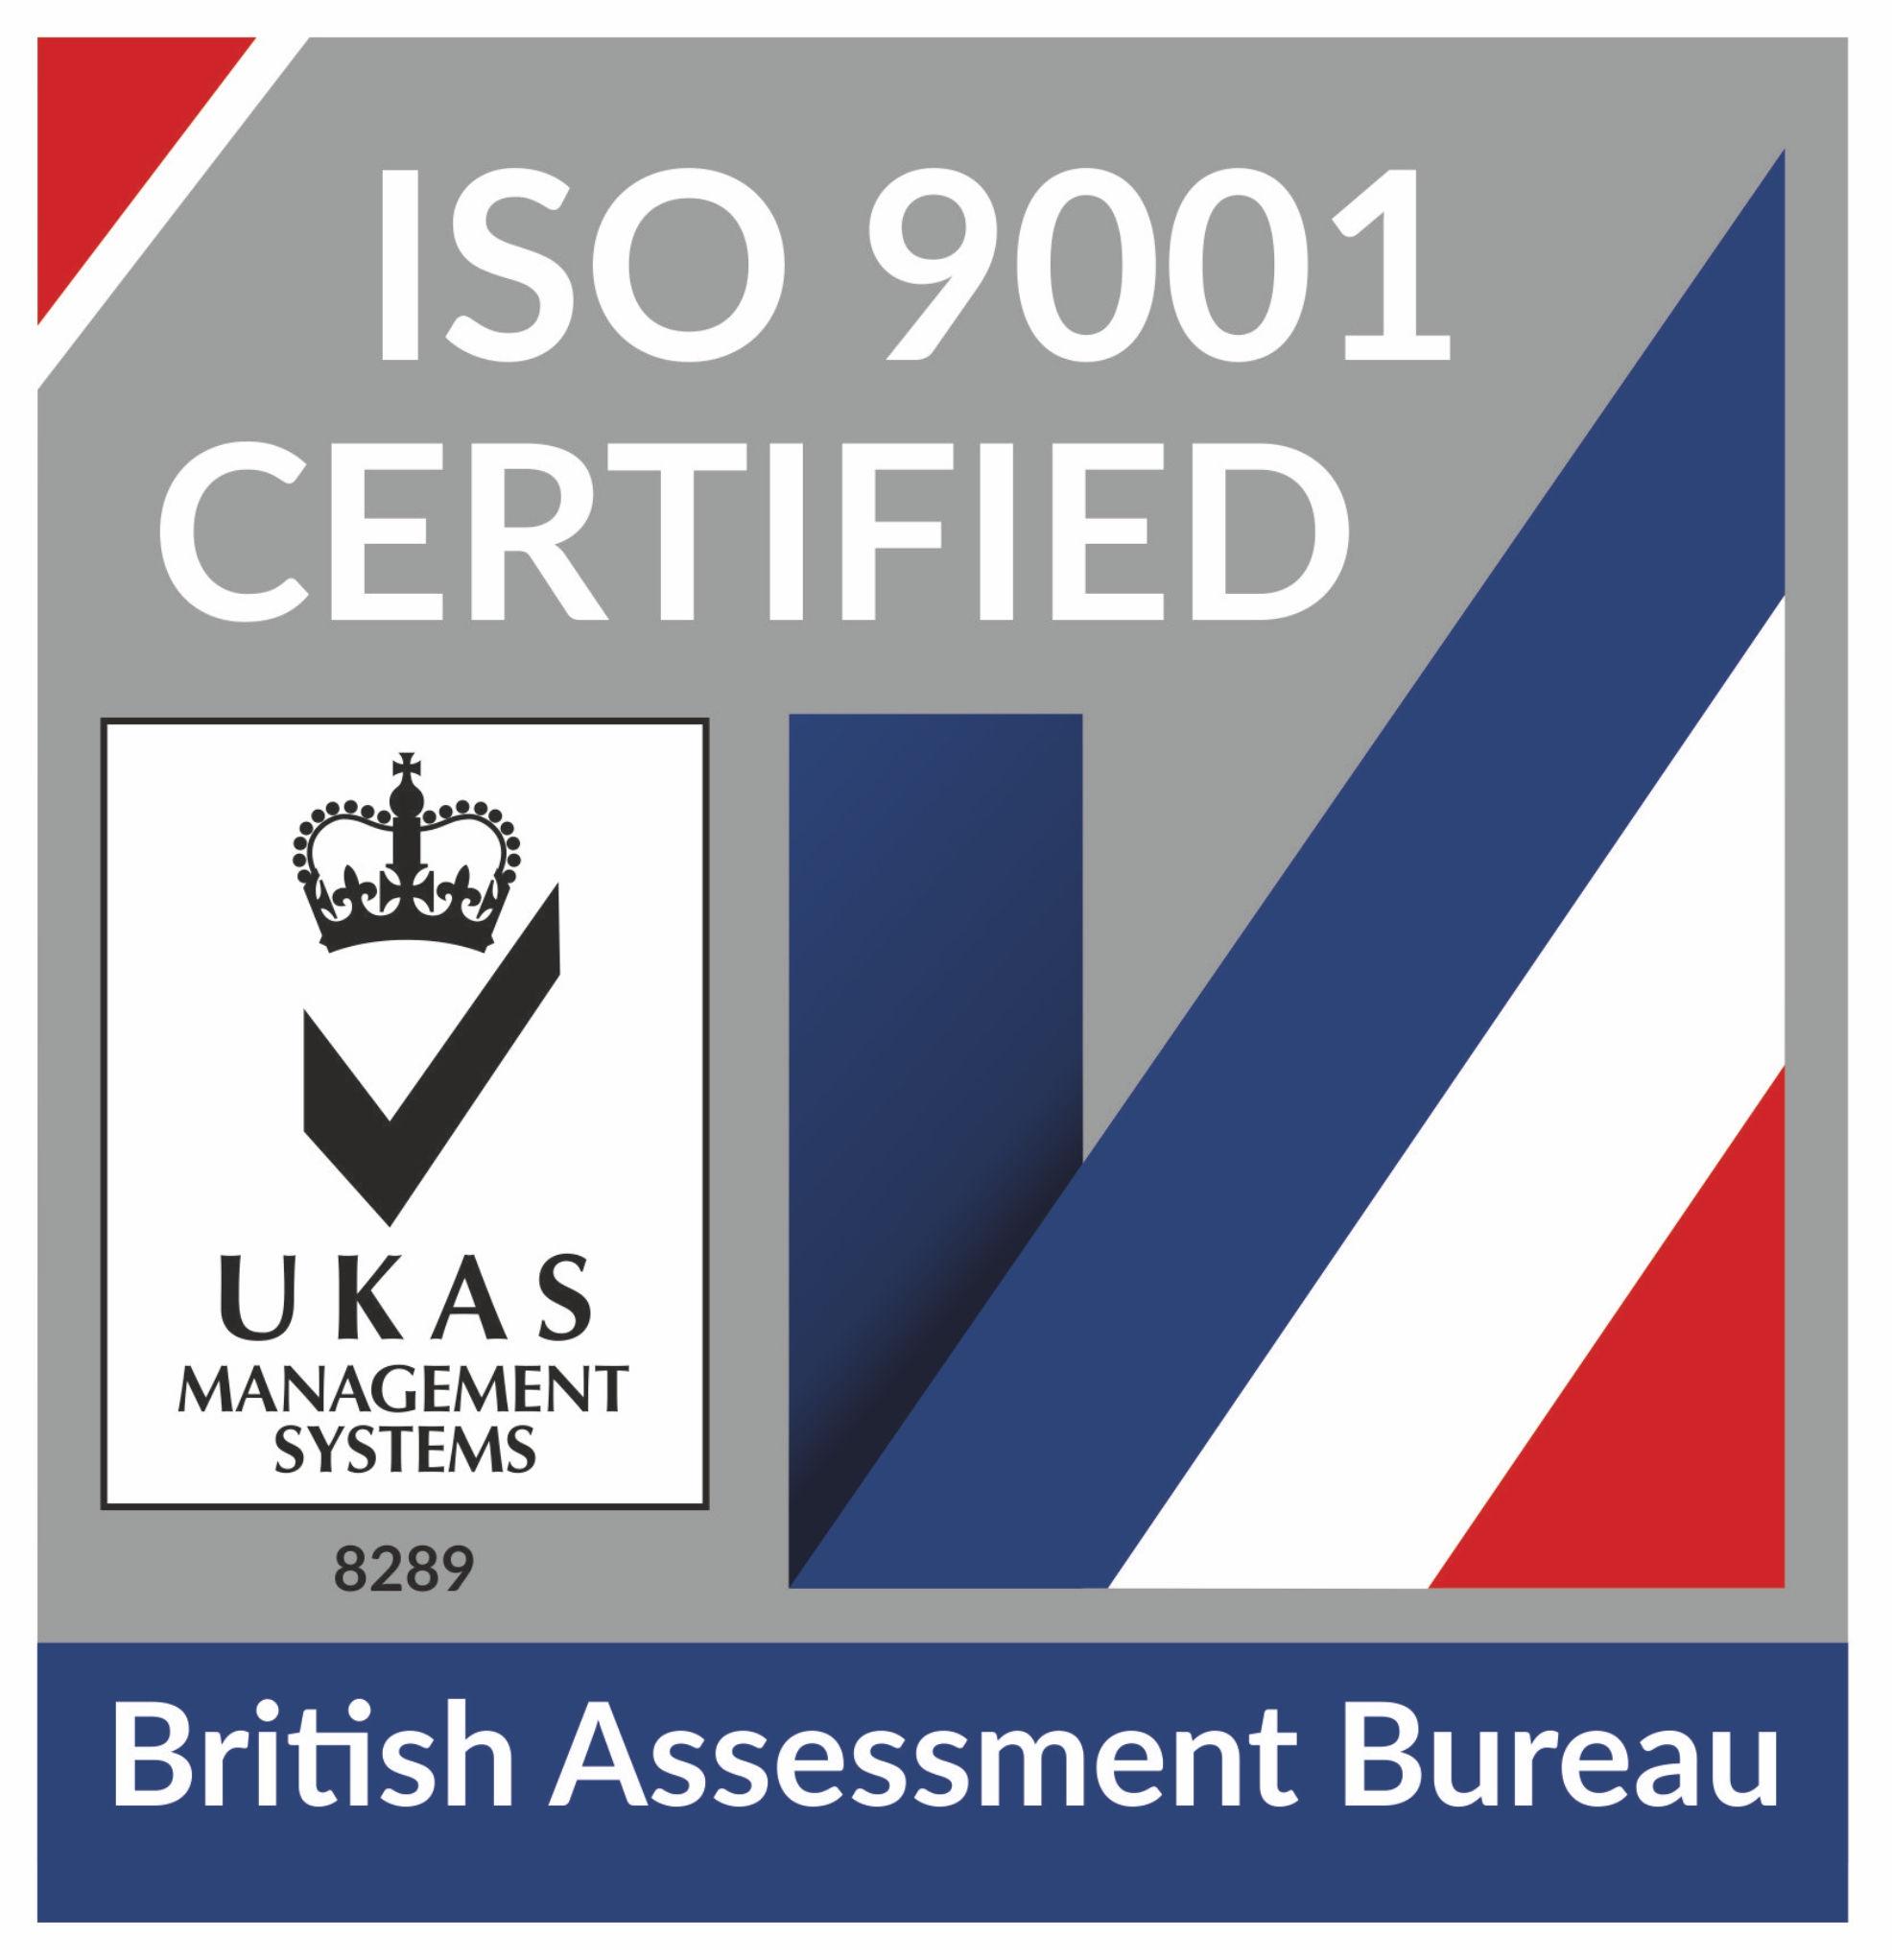 UKAS-ISO-9001.jpg